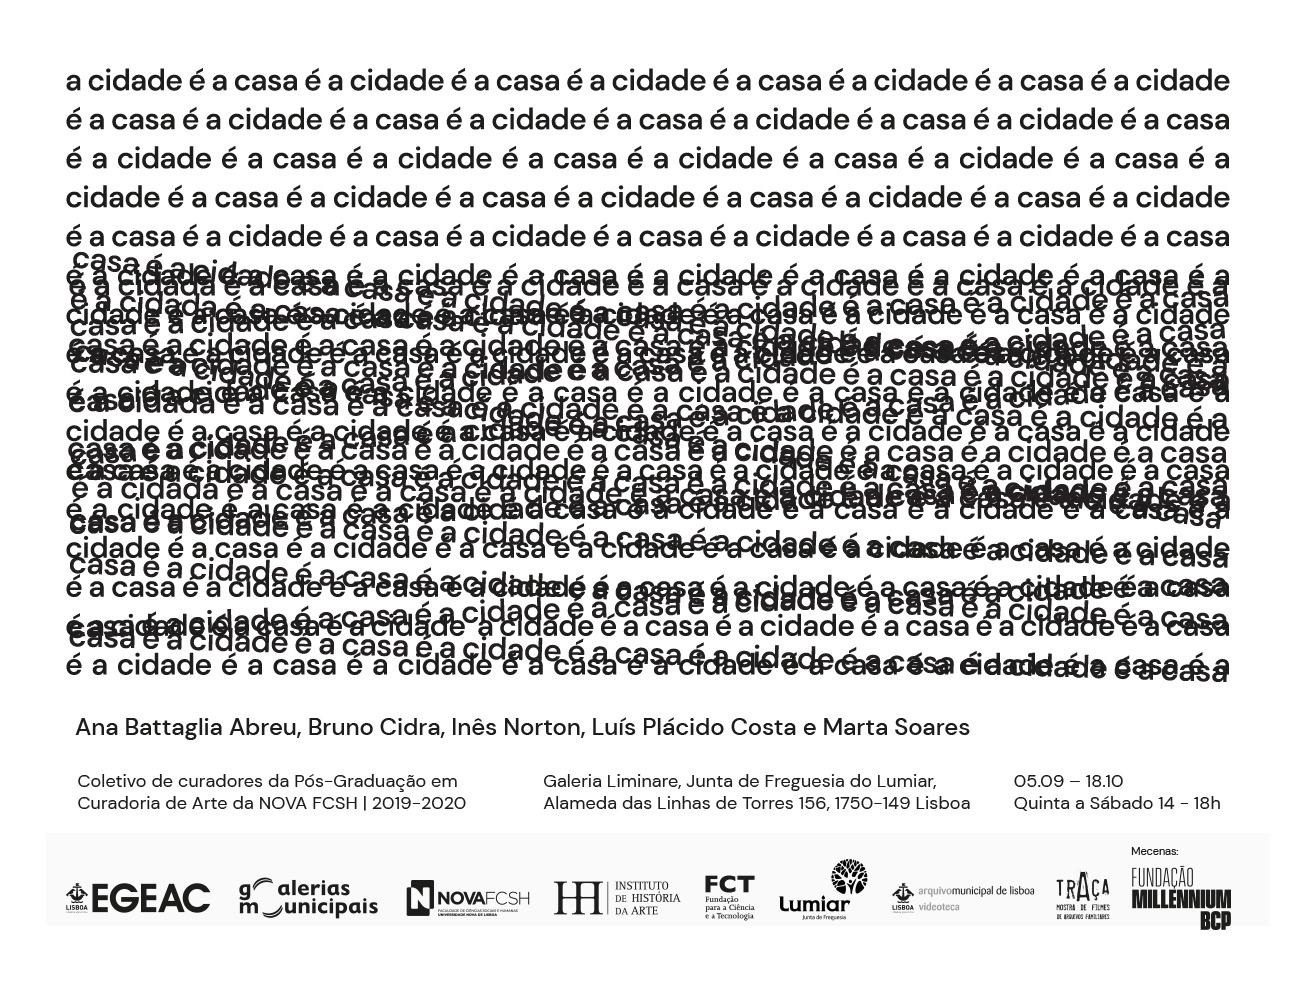 """Convite da exposição """"A cidade é a casa é a cidade é a casa"""" / Coletivo de curadoria"""